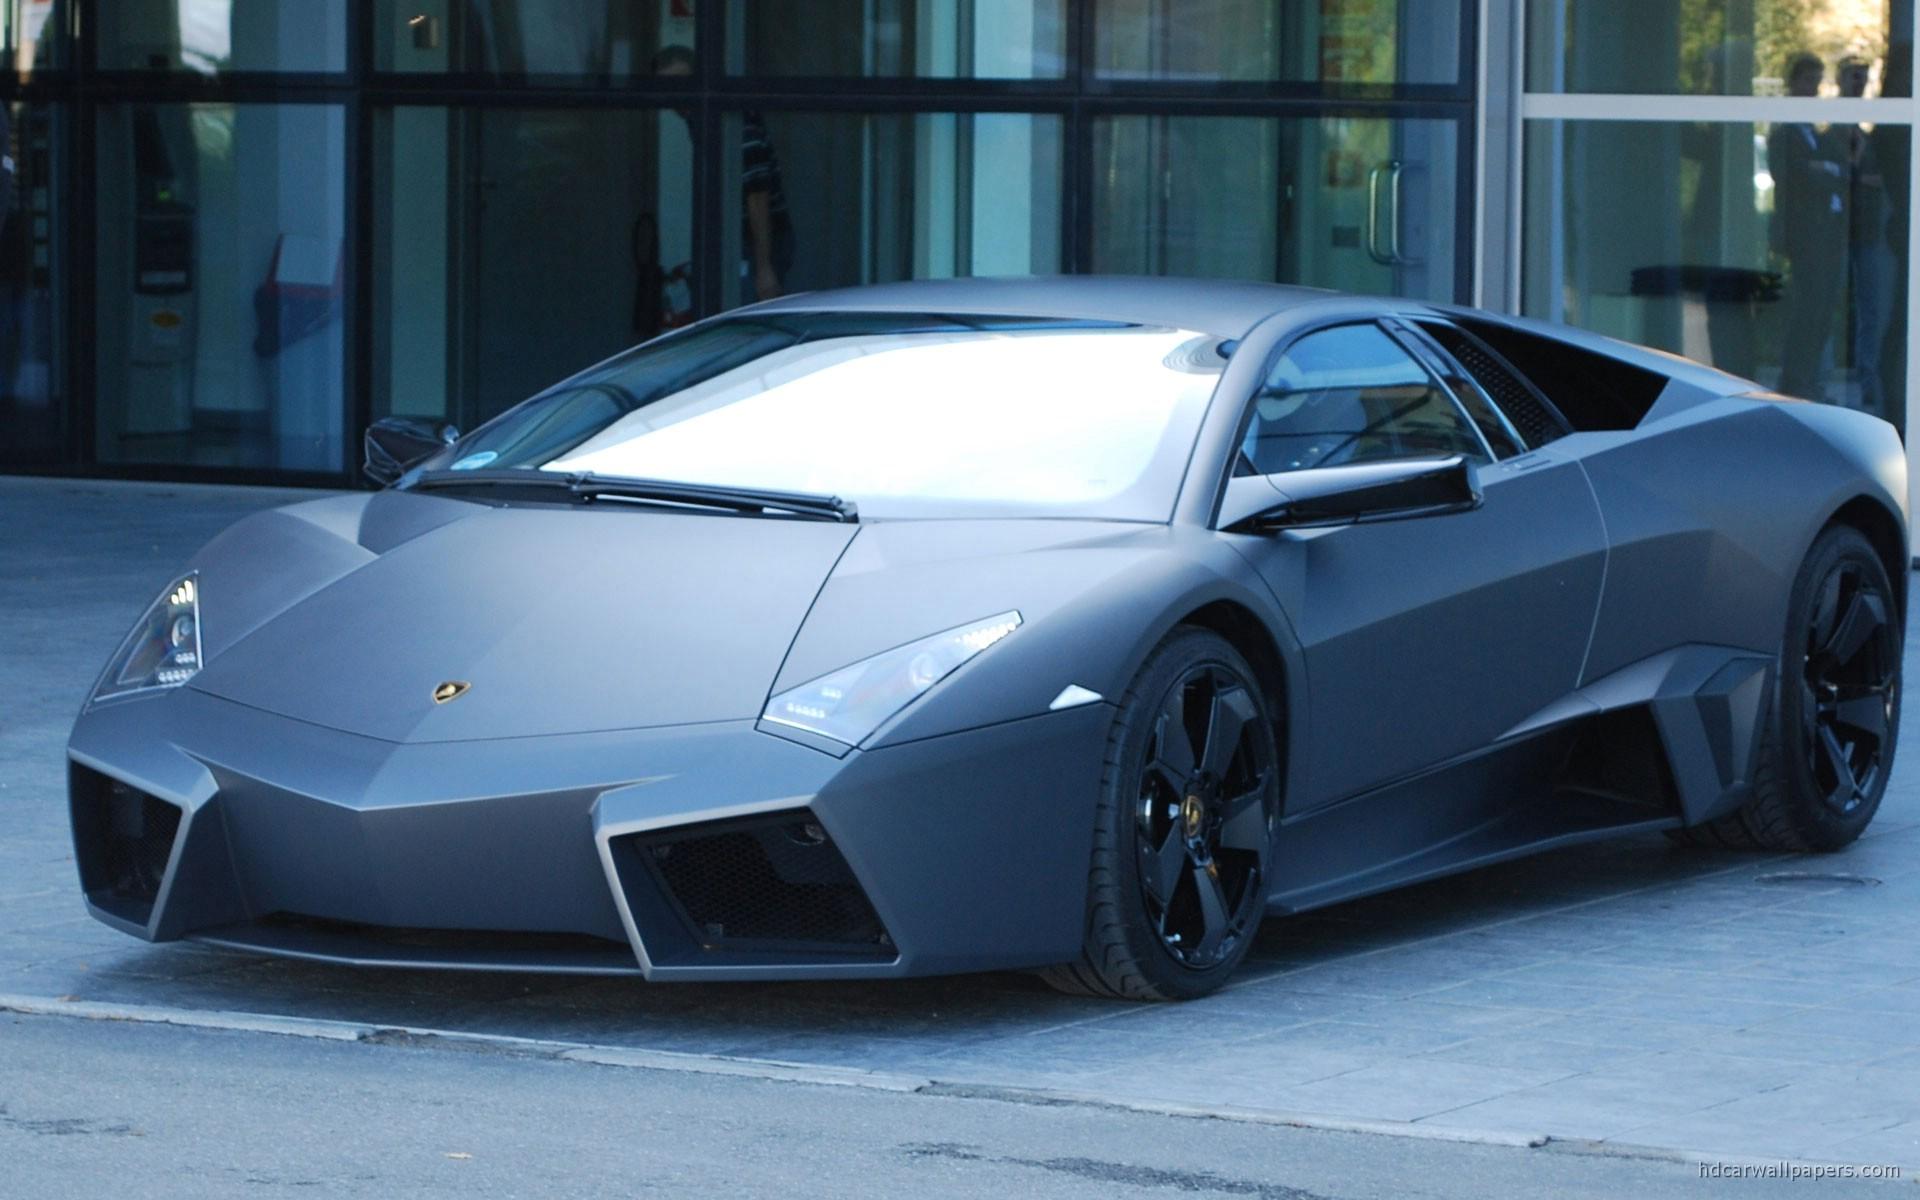 Lamborghini Aventador Lp750 4 >> New Lamborghini Widescreen Wallpaper | HD Car Wallpapers | ID #924